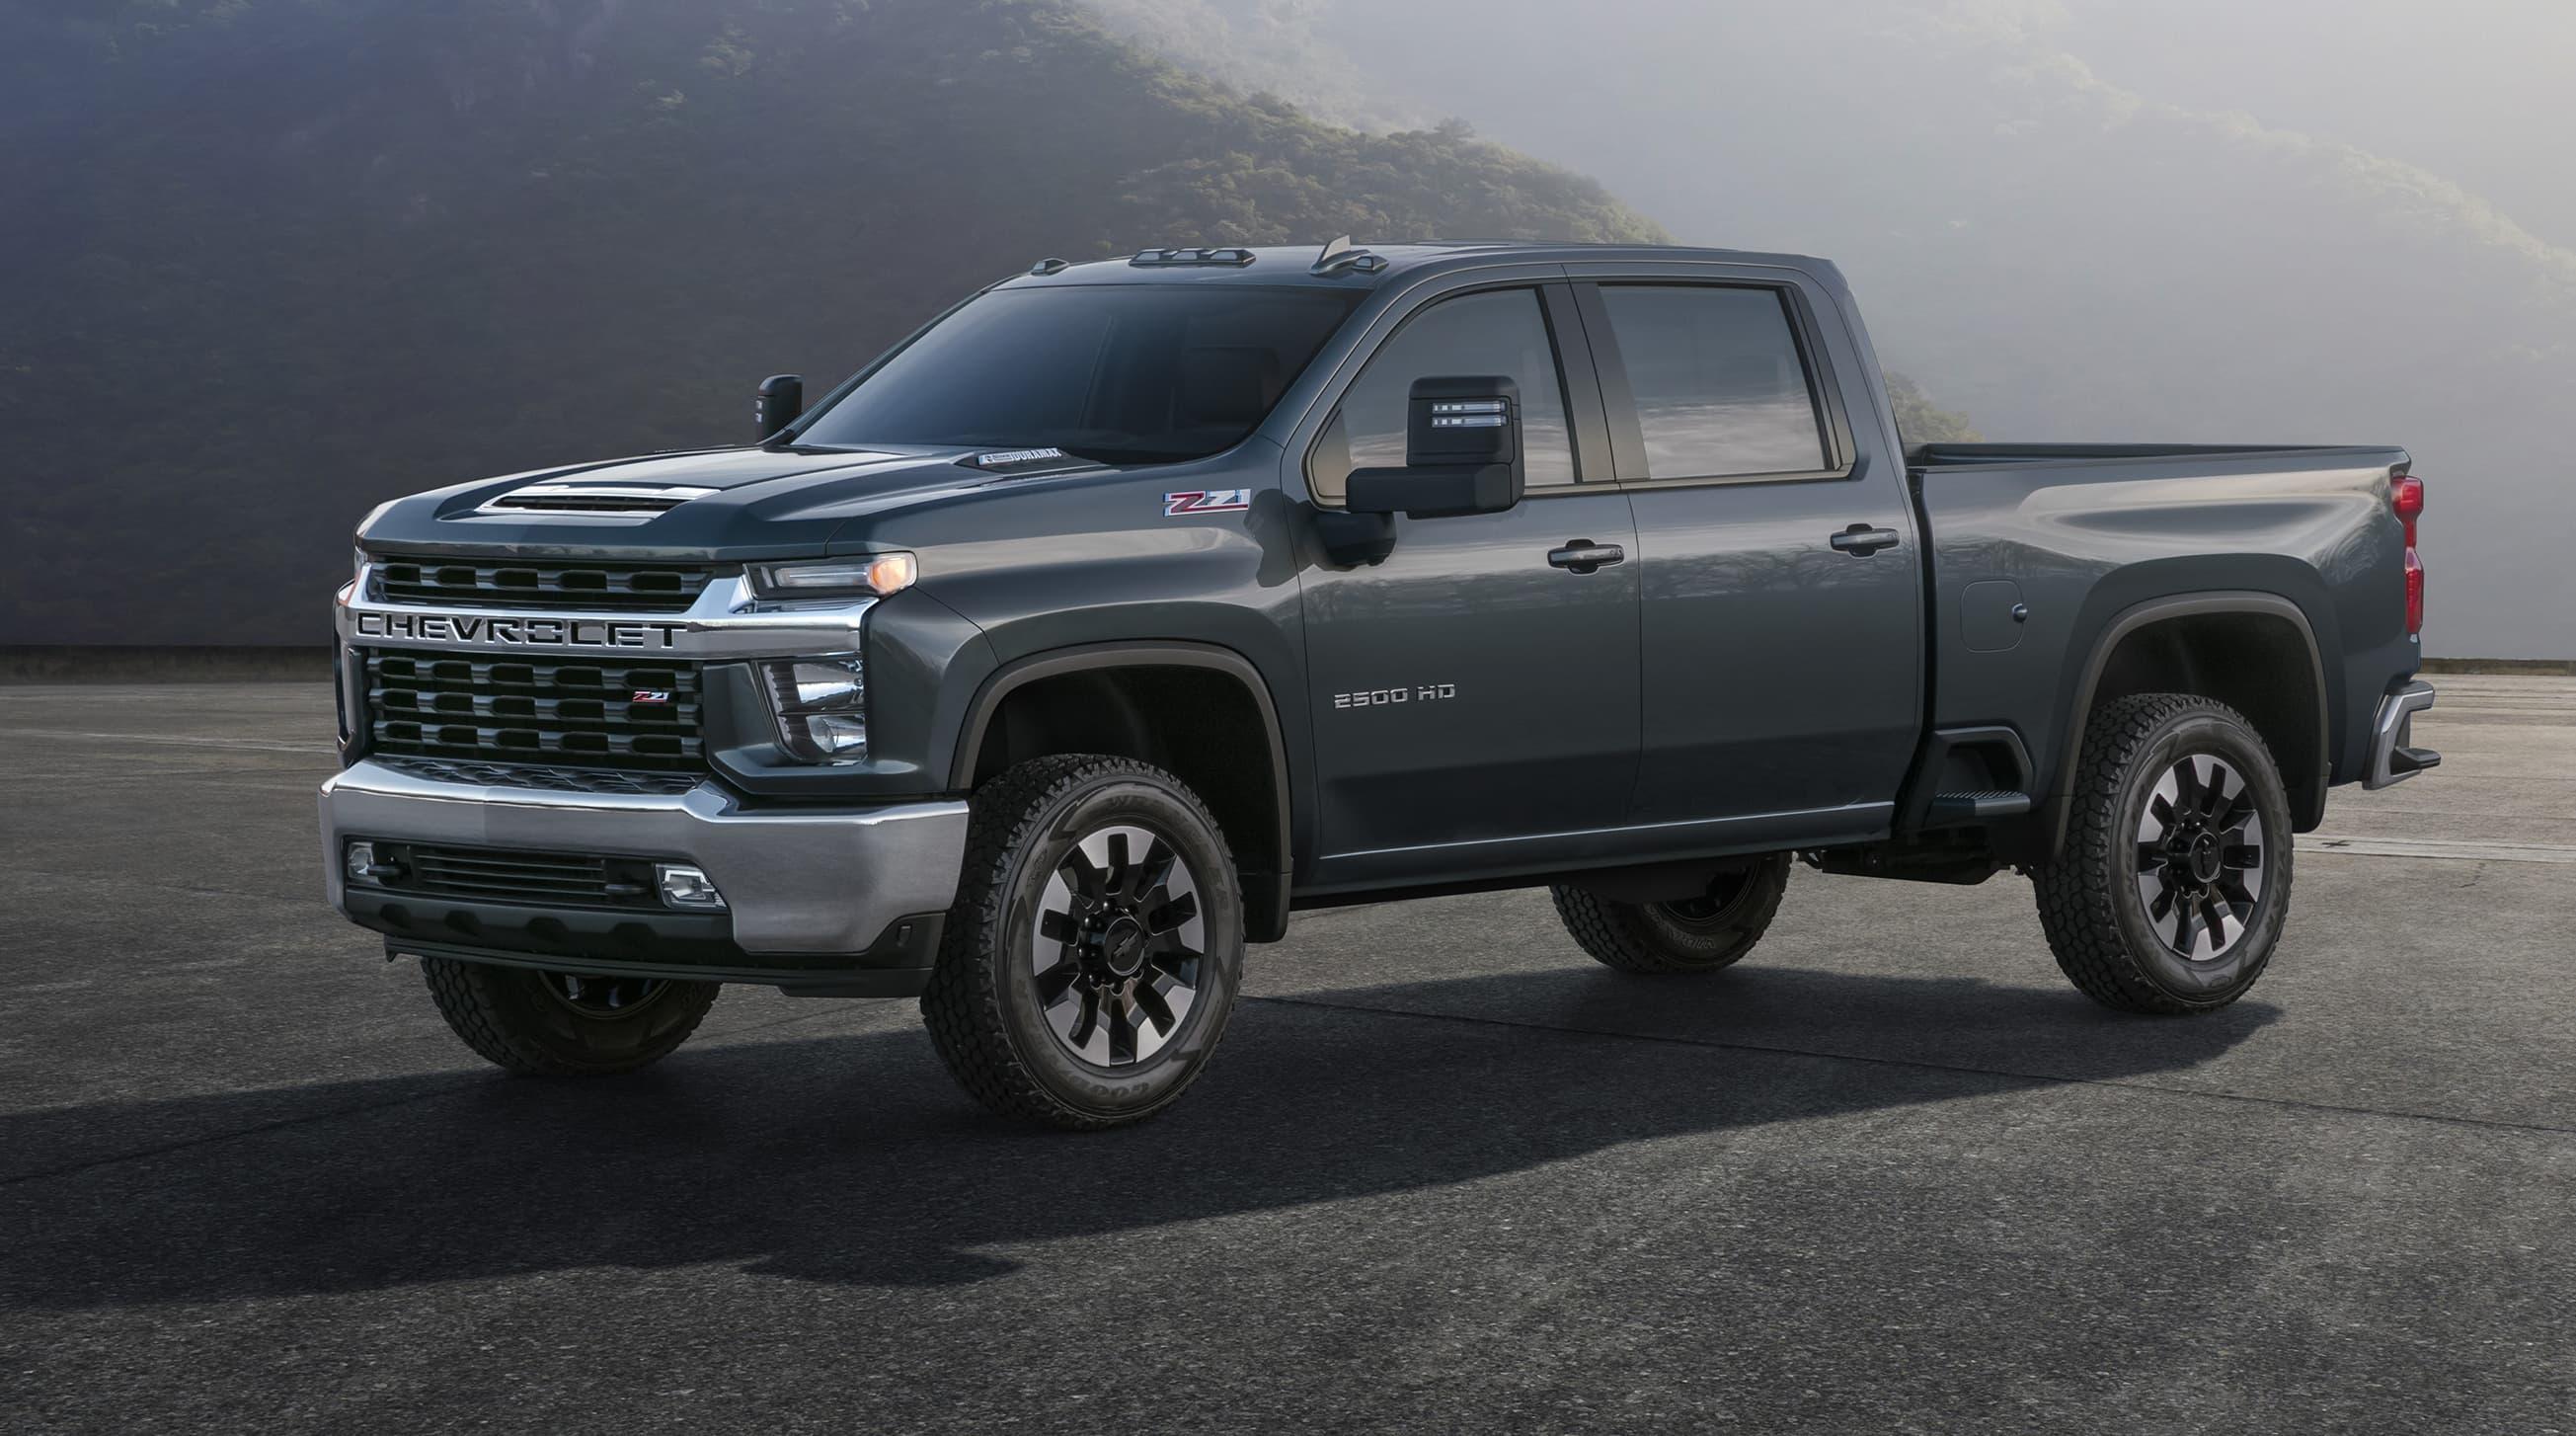 Random Best 2020 Trucks On Market